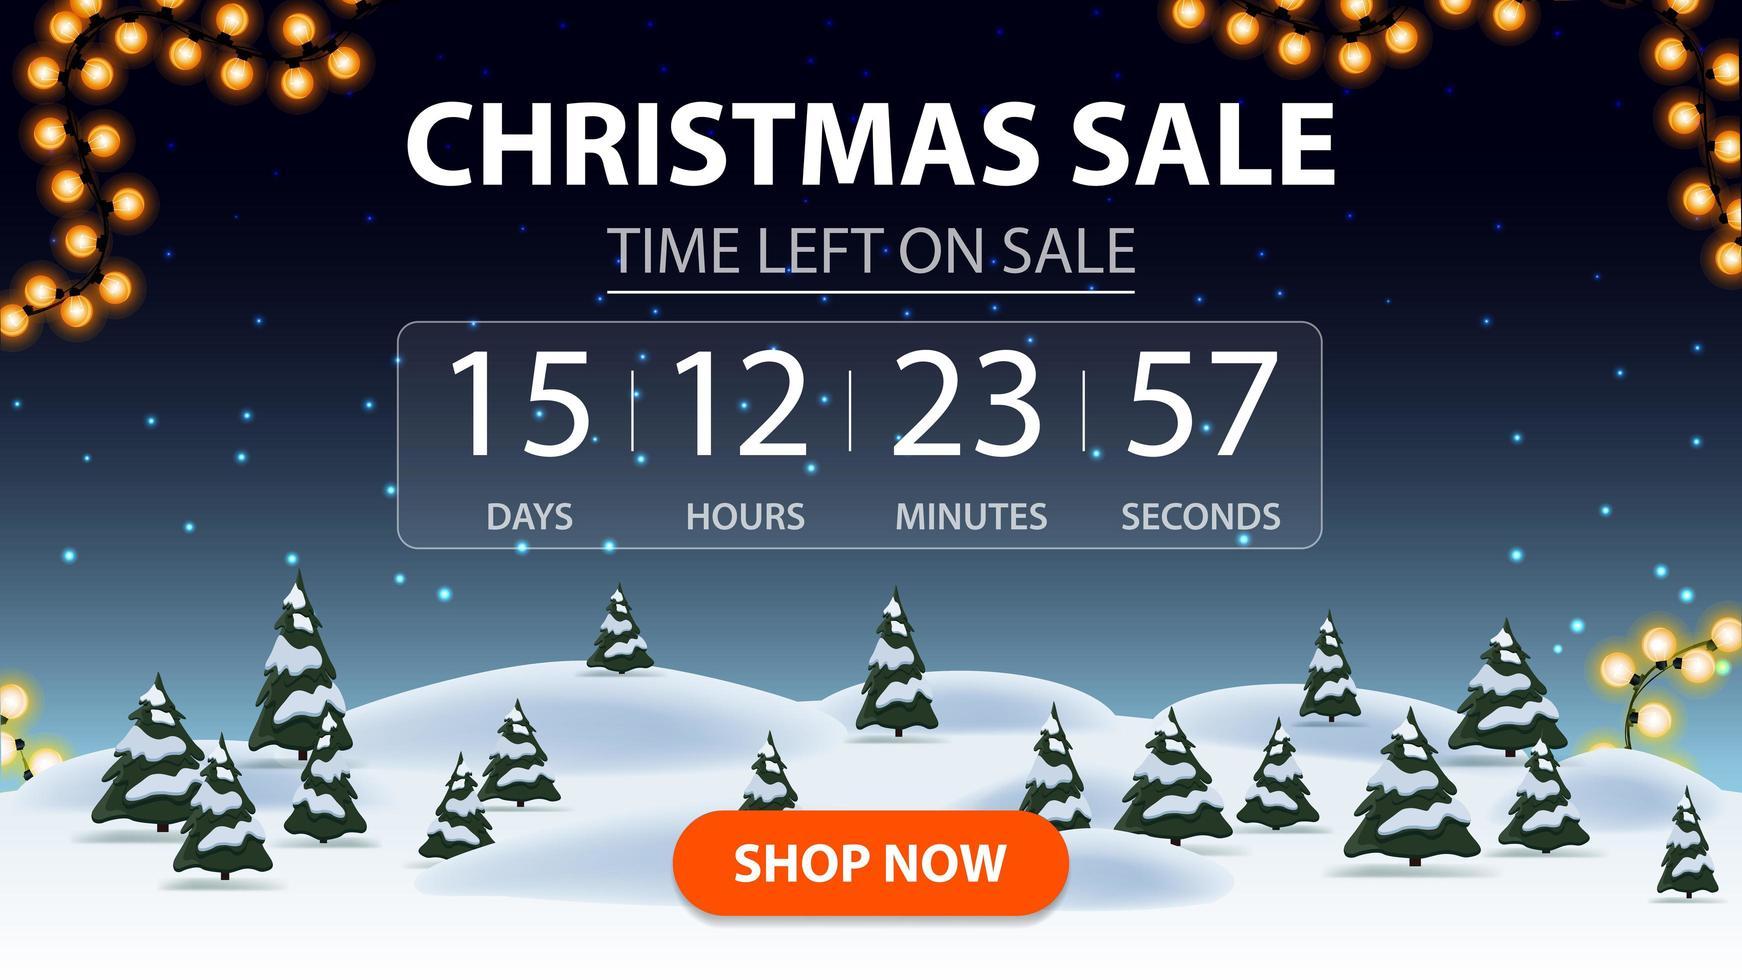 julförsäljning, rabattbanner med tecknad vinterskog, stjärnhimmel, timer med omvänd rapport och knapp vektor